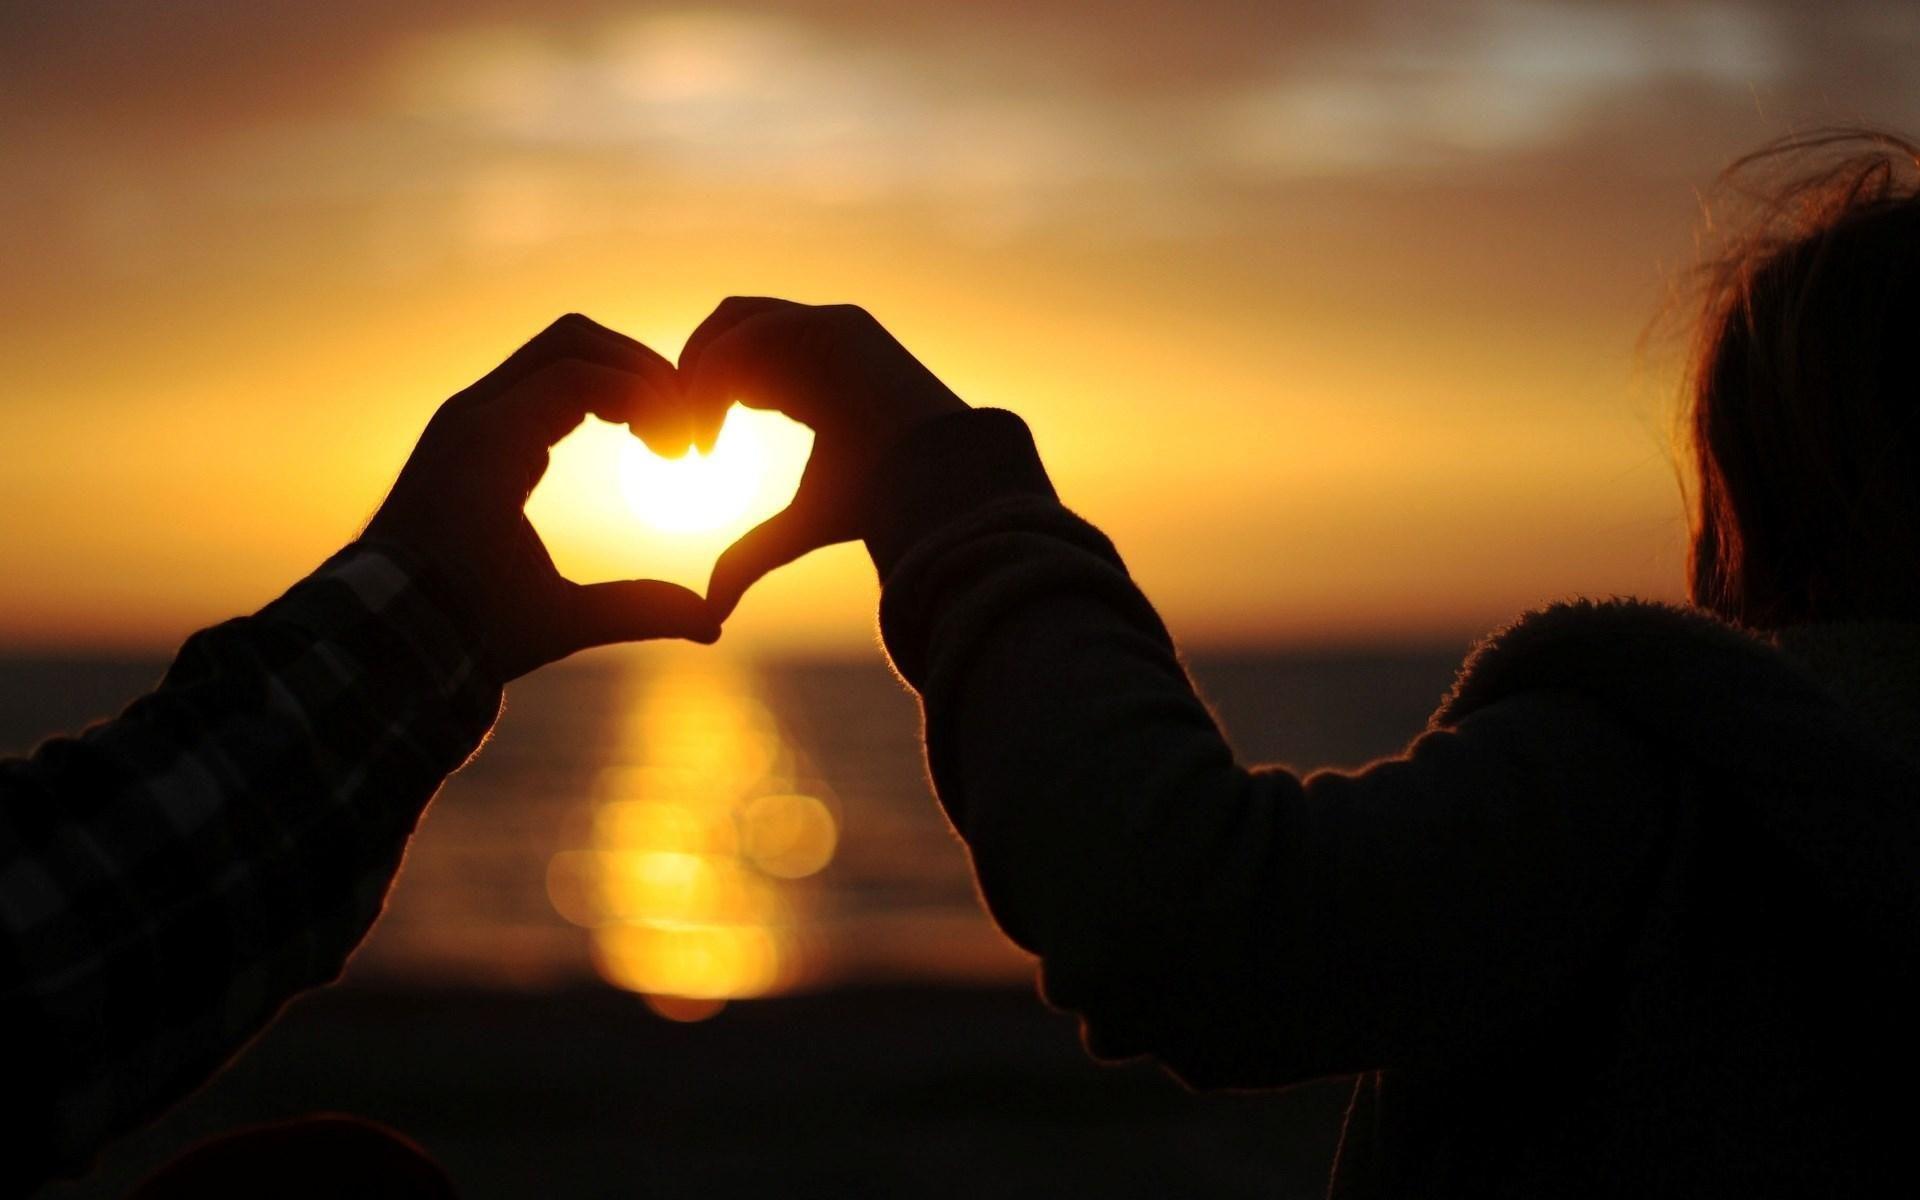 #FilosofíaAplicada ¿Por qué es tan difícil amar?